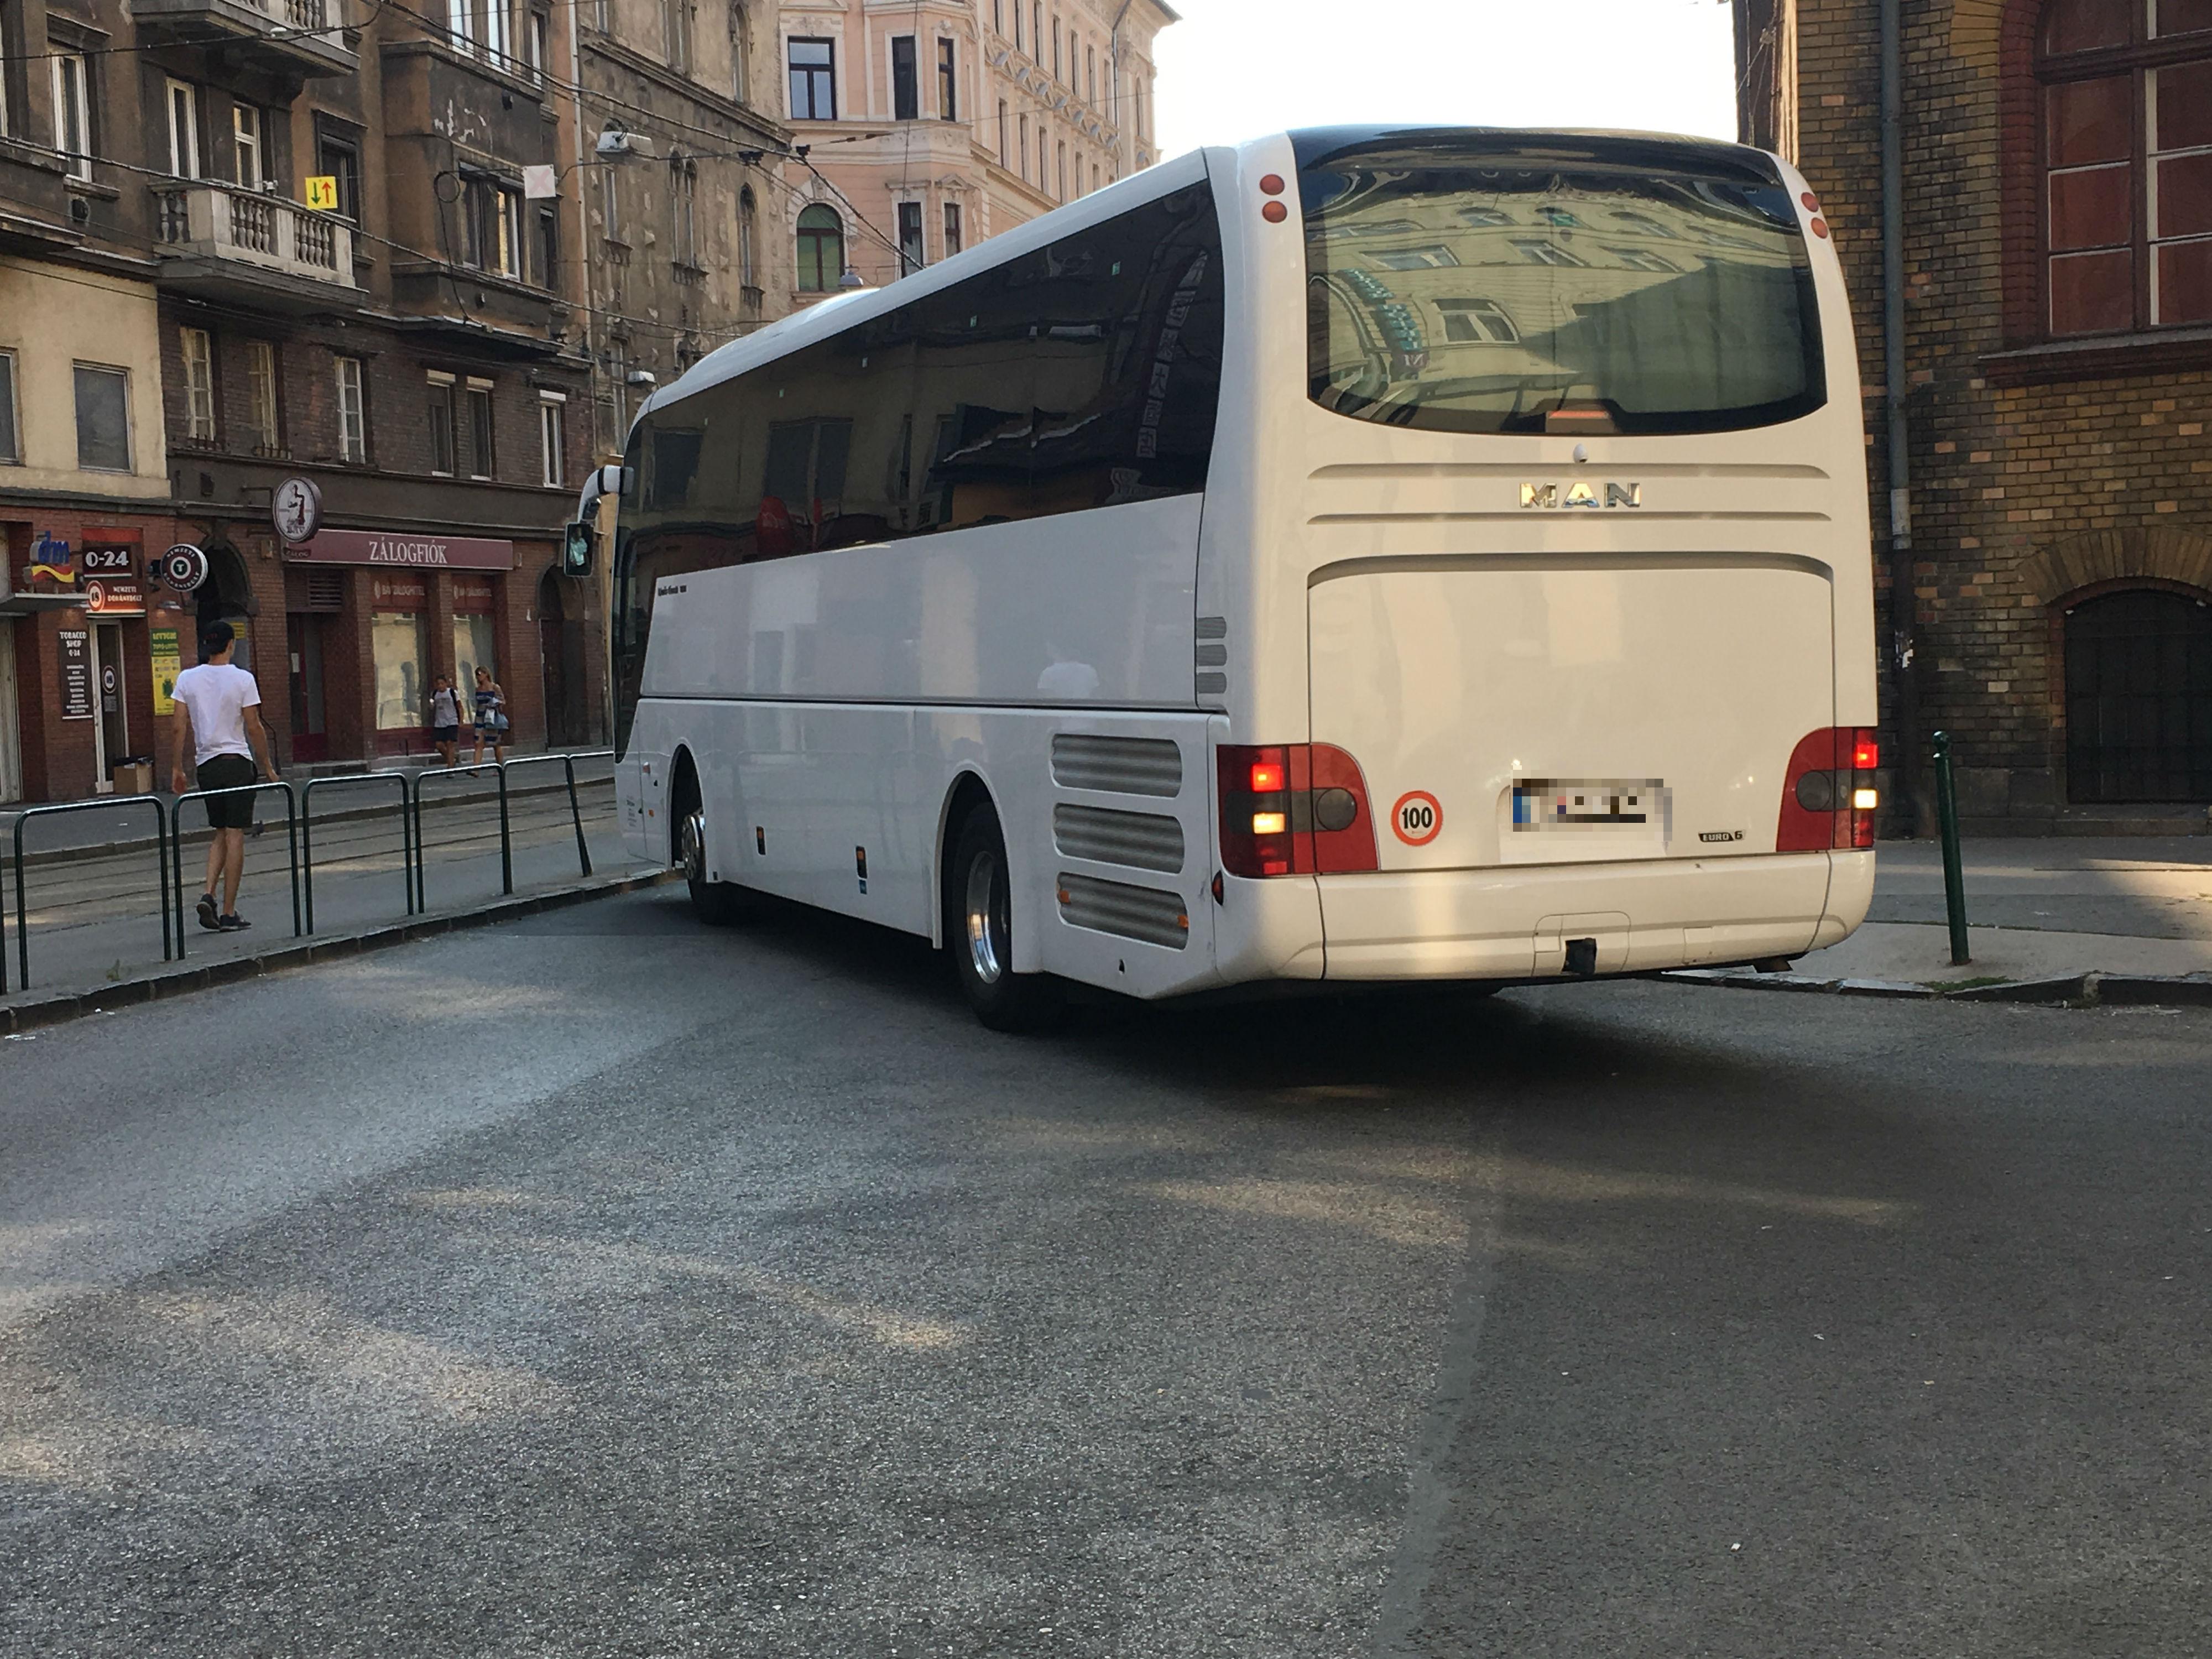 Szombattól tényleg nem mehetnek át a turistabuszok a Lánchídon